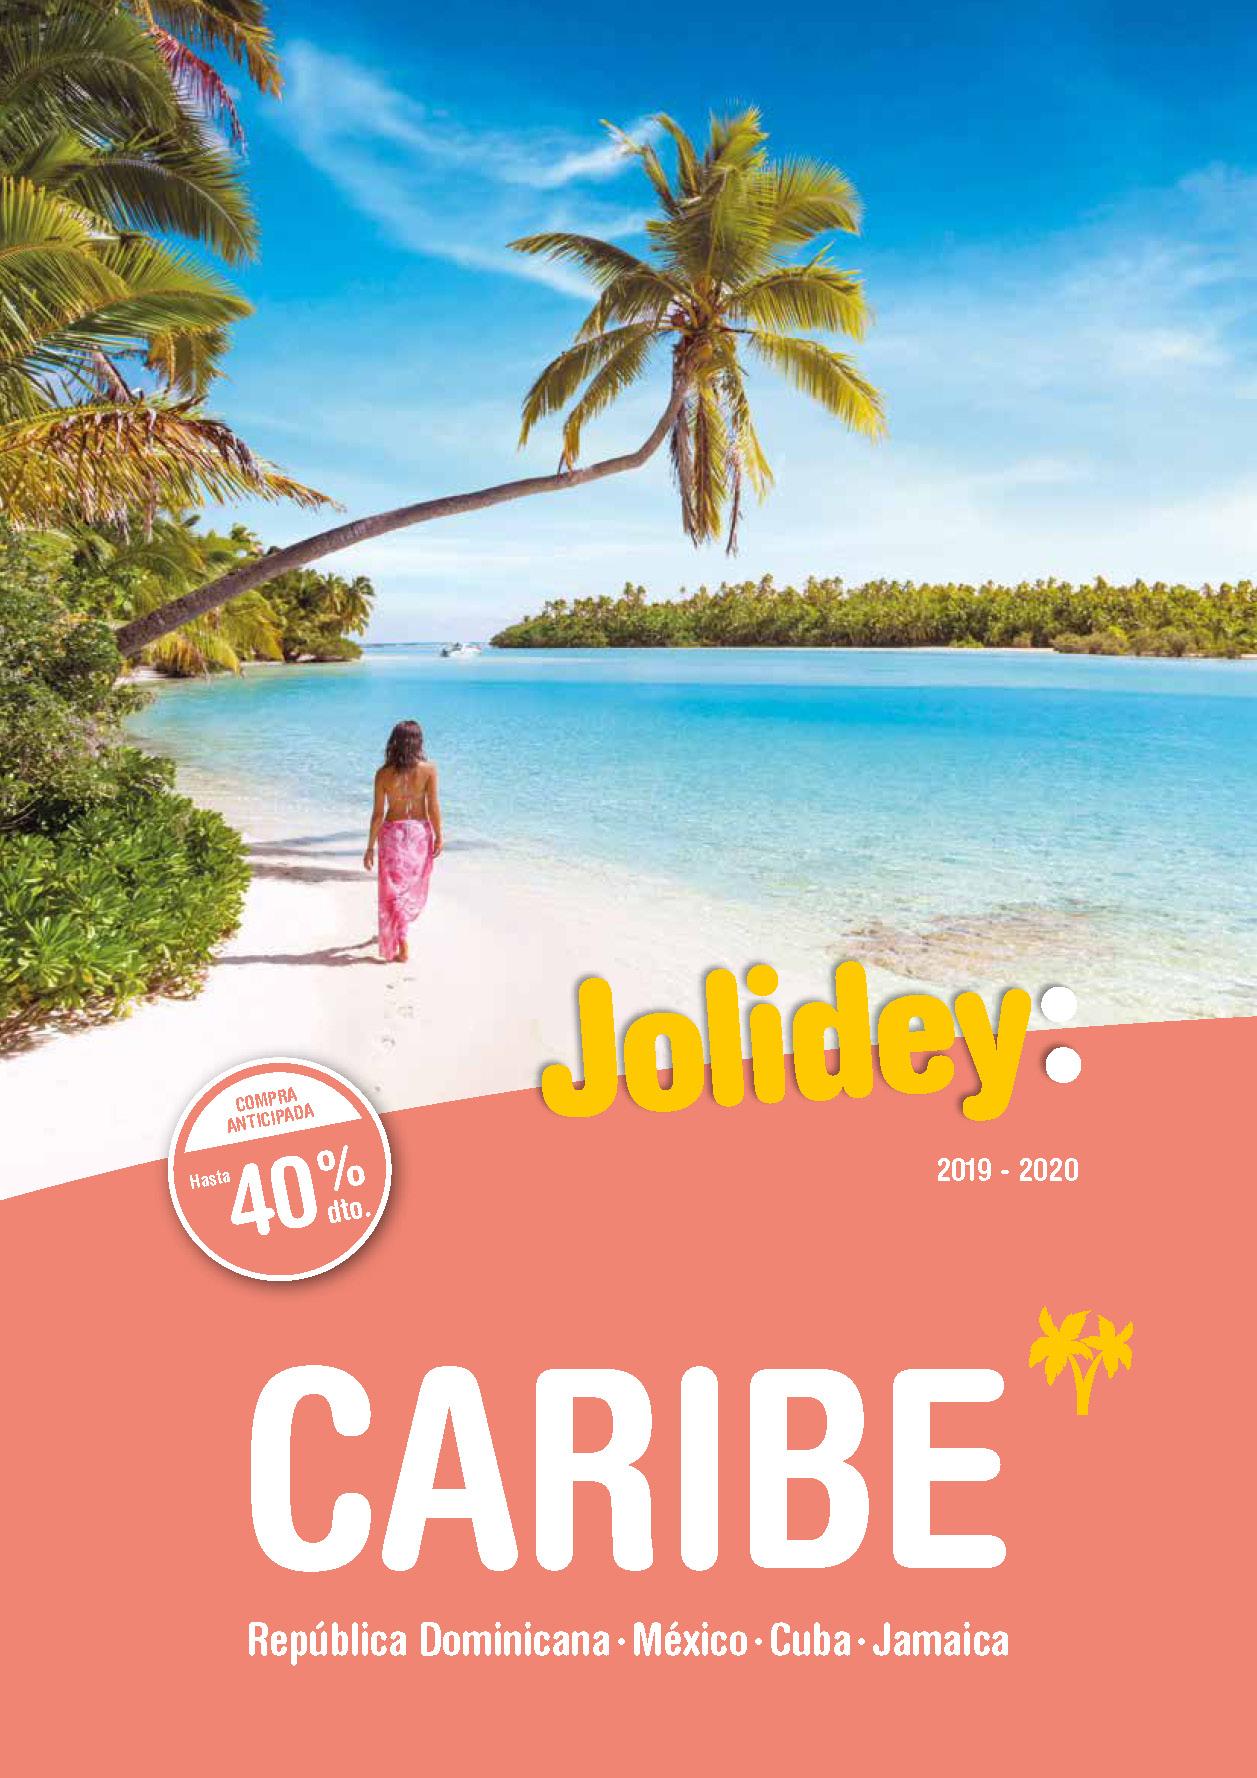 Catalogo Jolidey Caribe 2019-2020